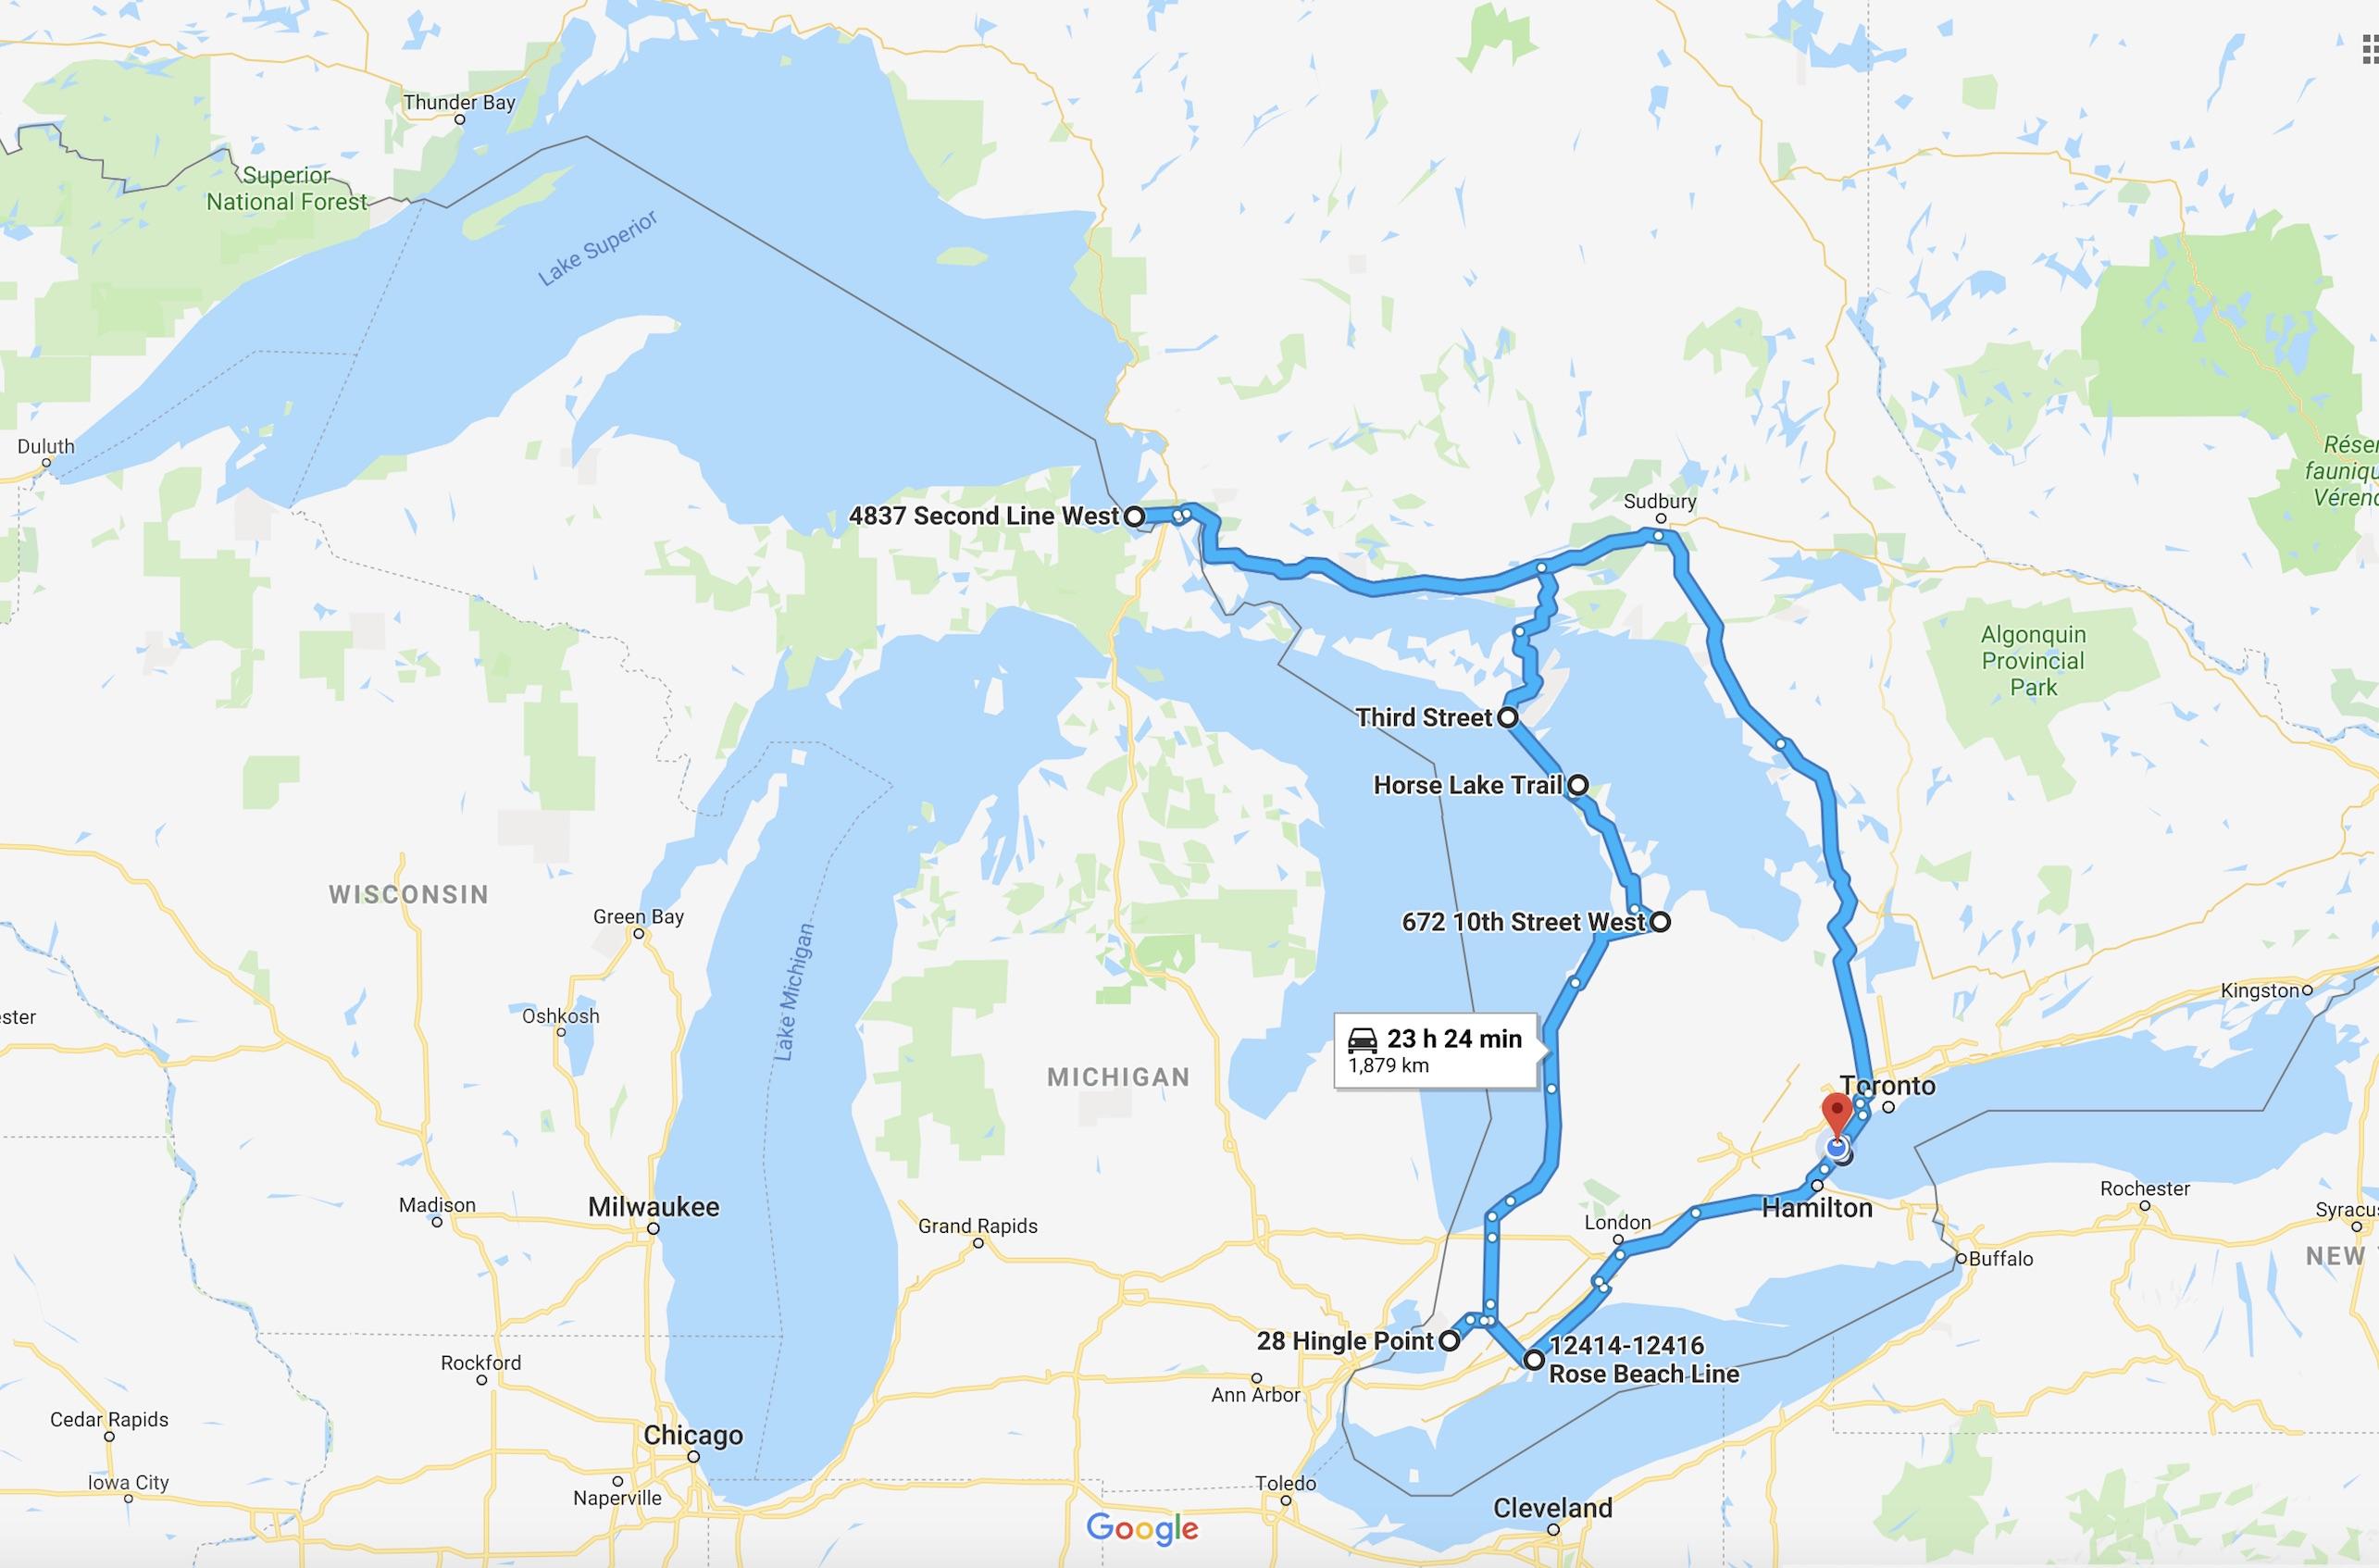 Маршрут по канадским великим озерам